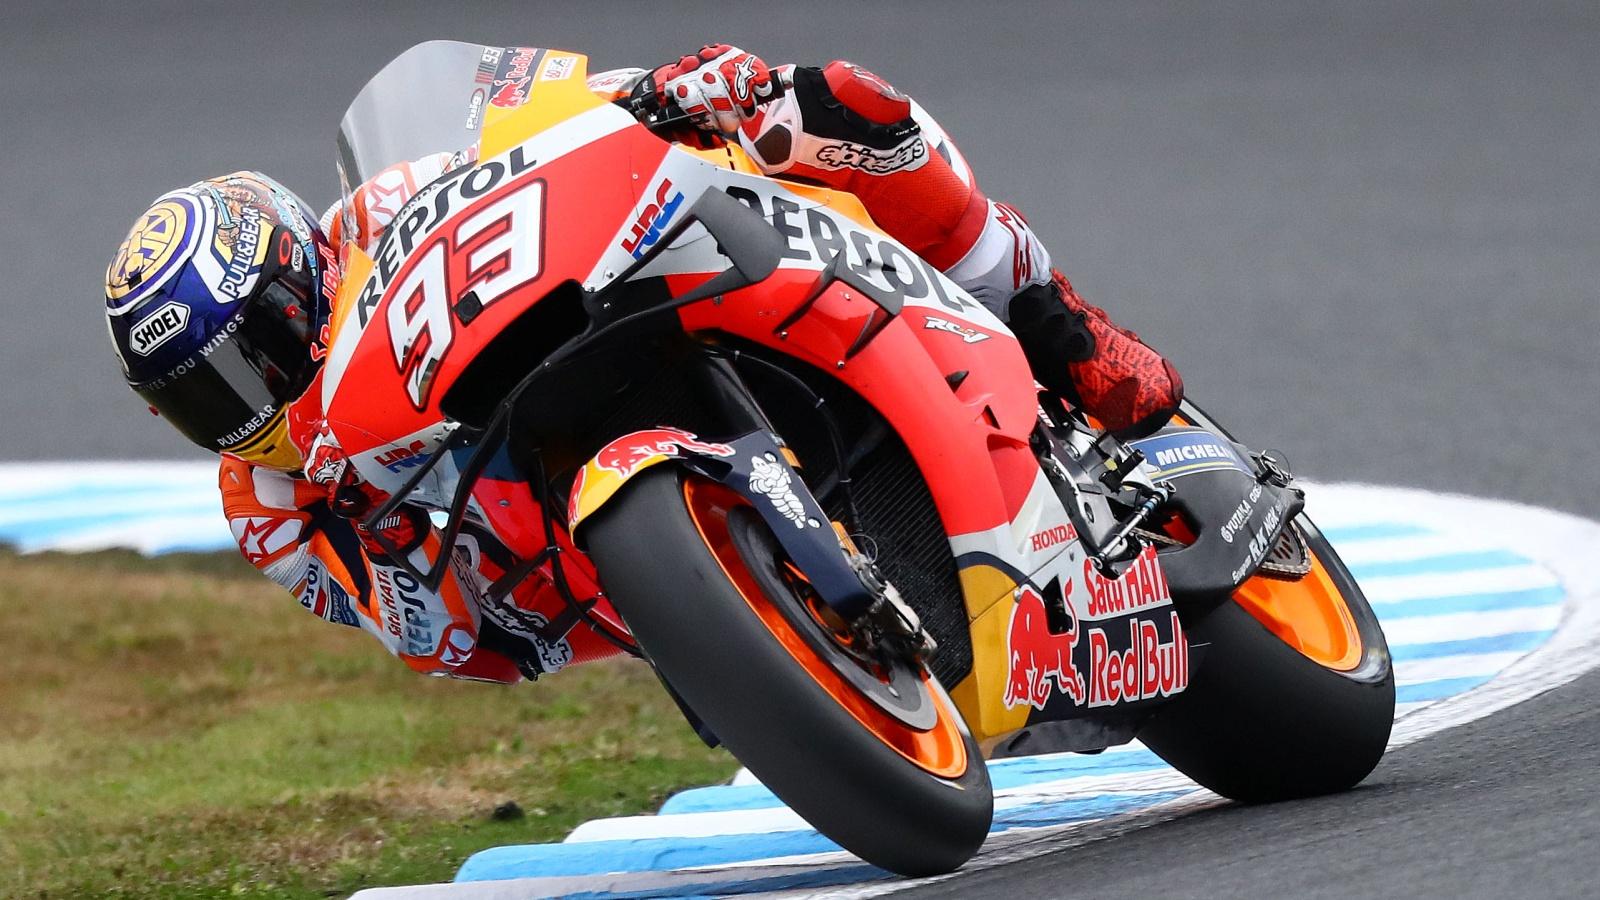 Marc Márquez salda su deuda con Motegi y cierra el círculo de poles en MotoGP